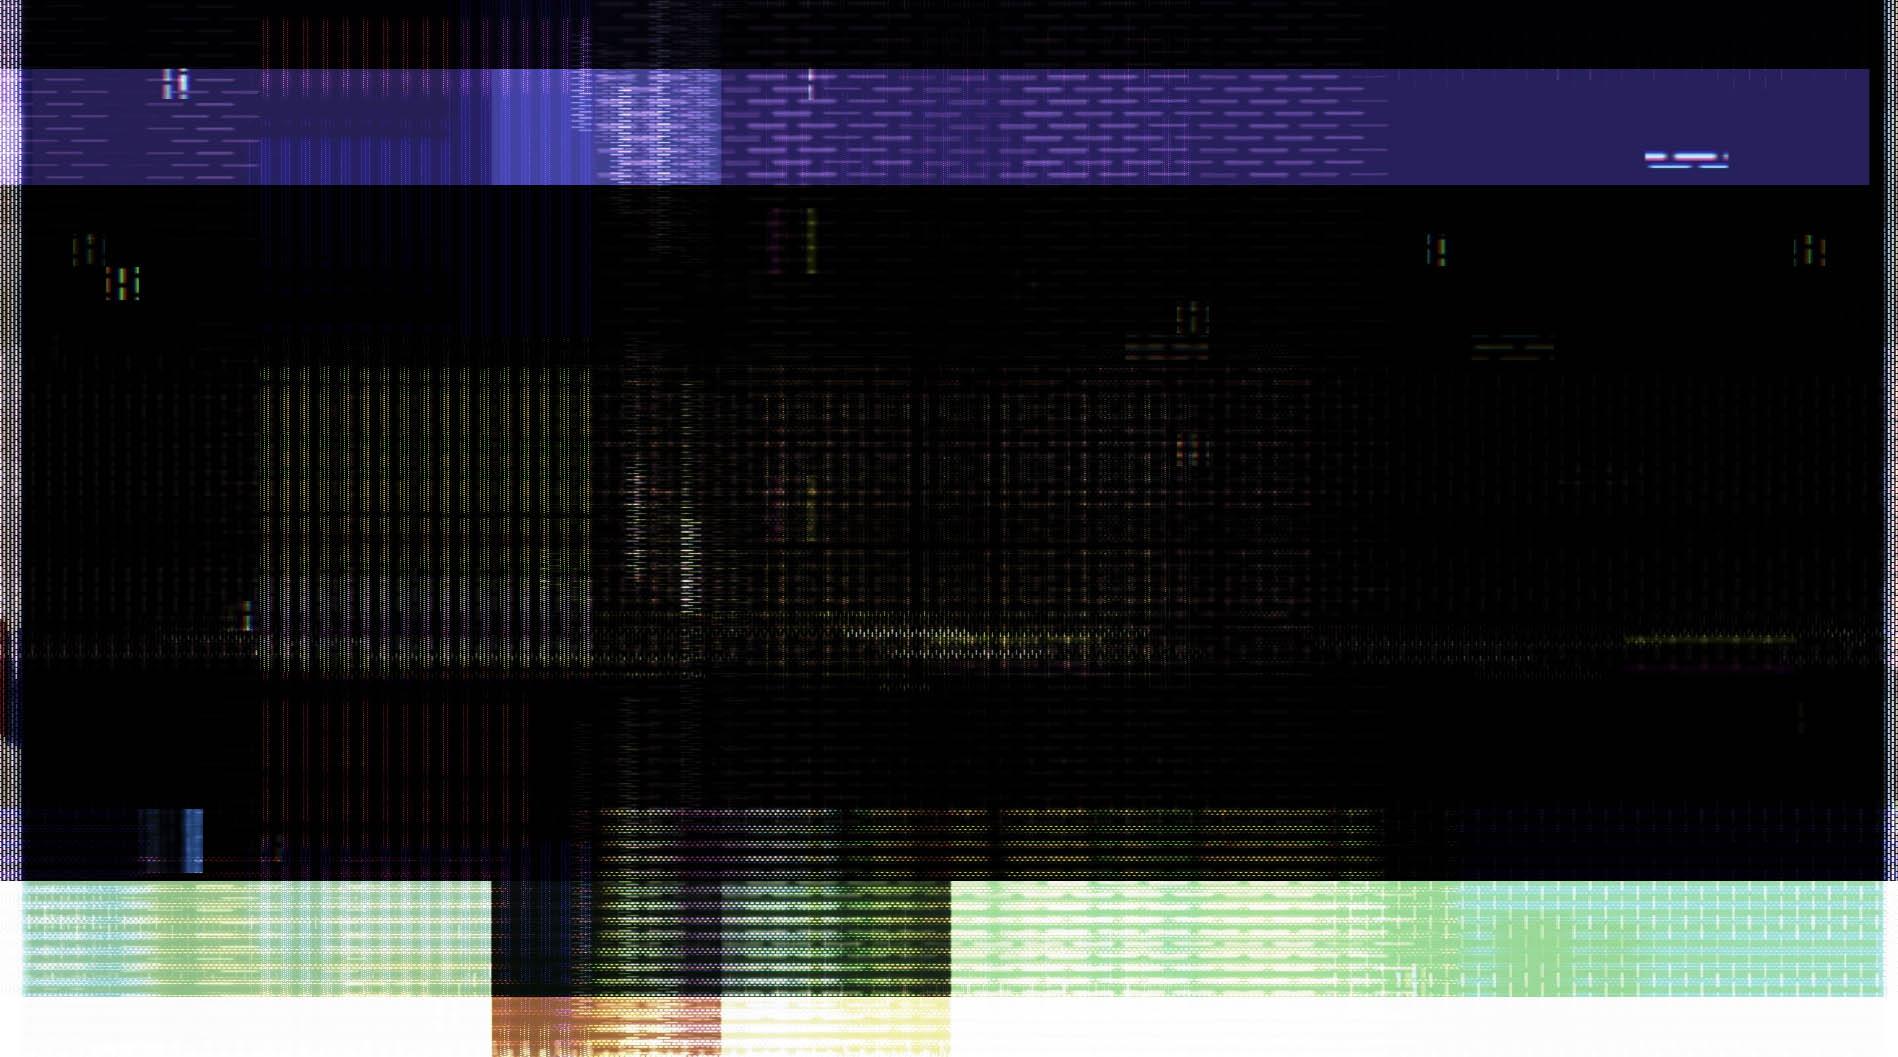 屏幕叠加效果花屏闪屏转场